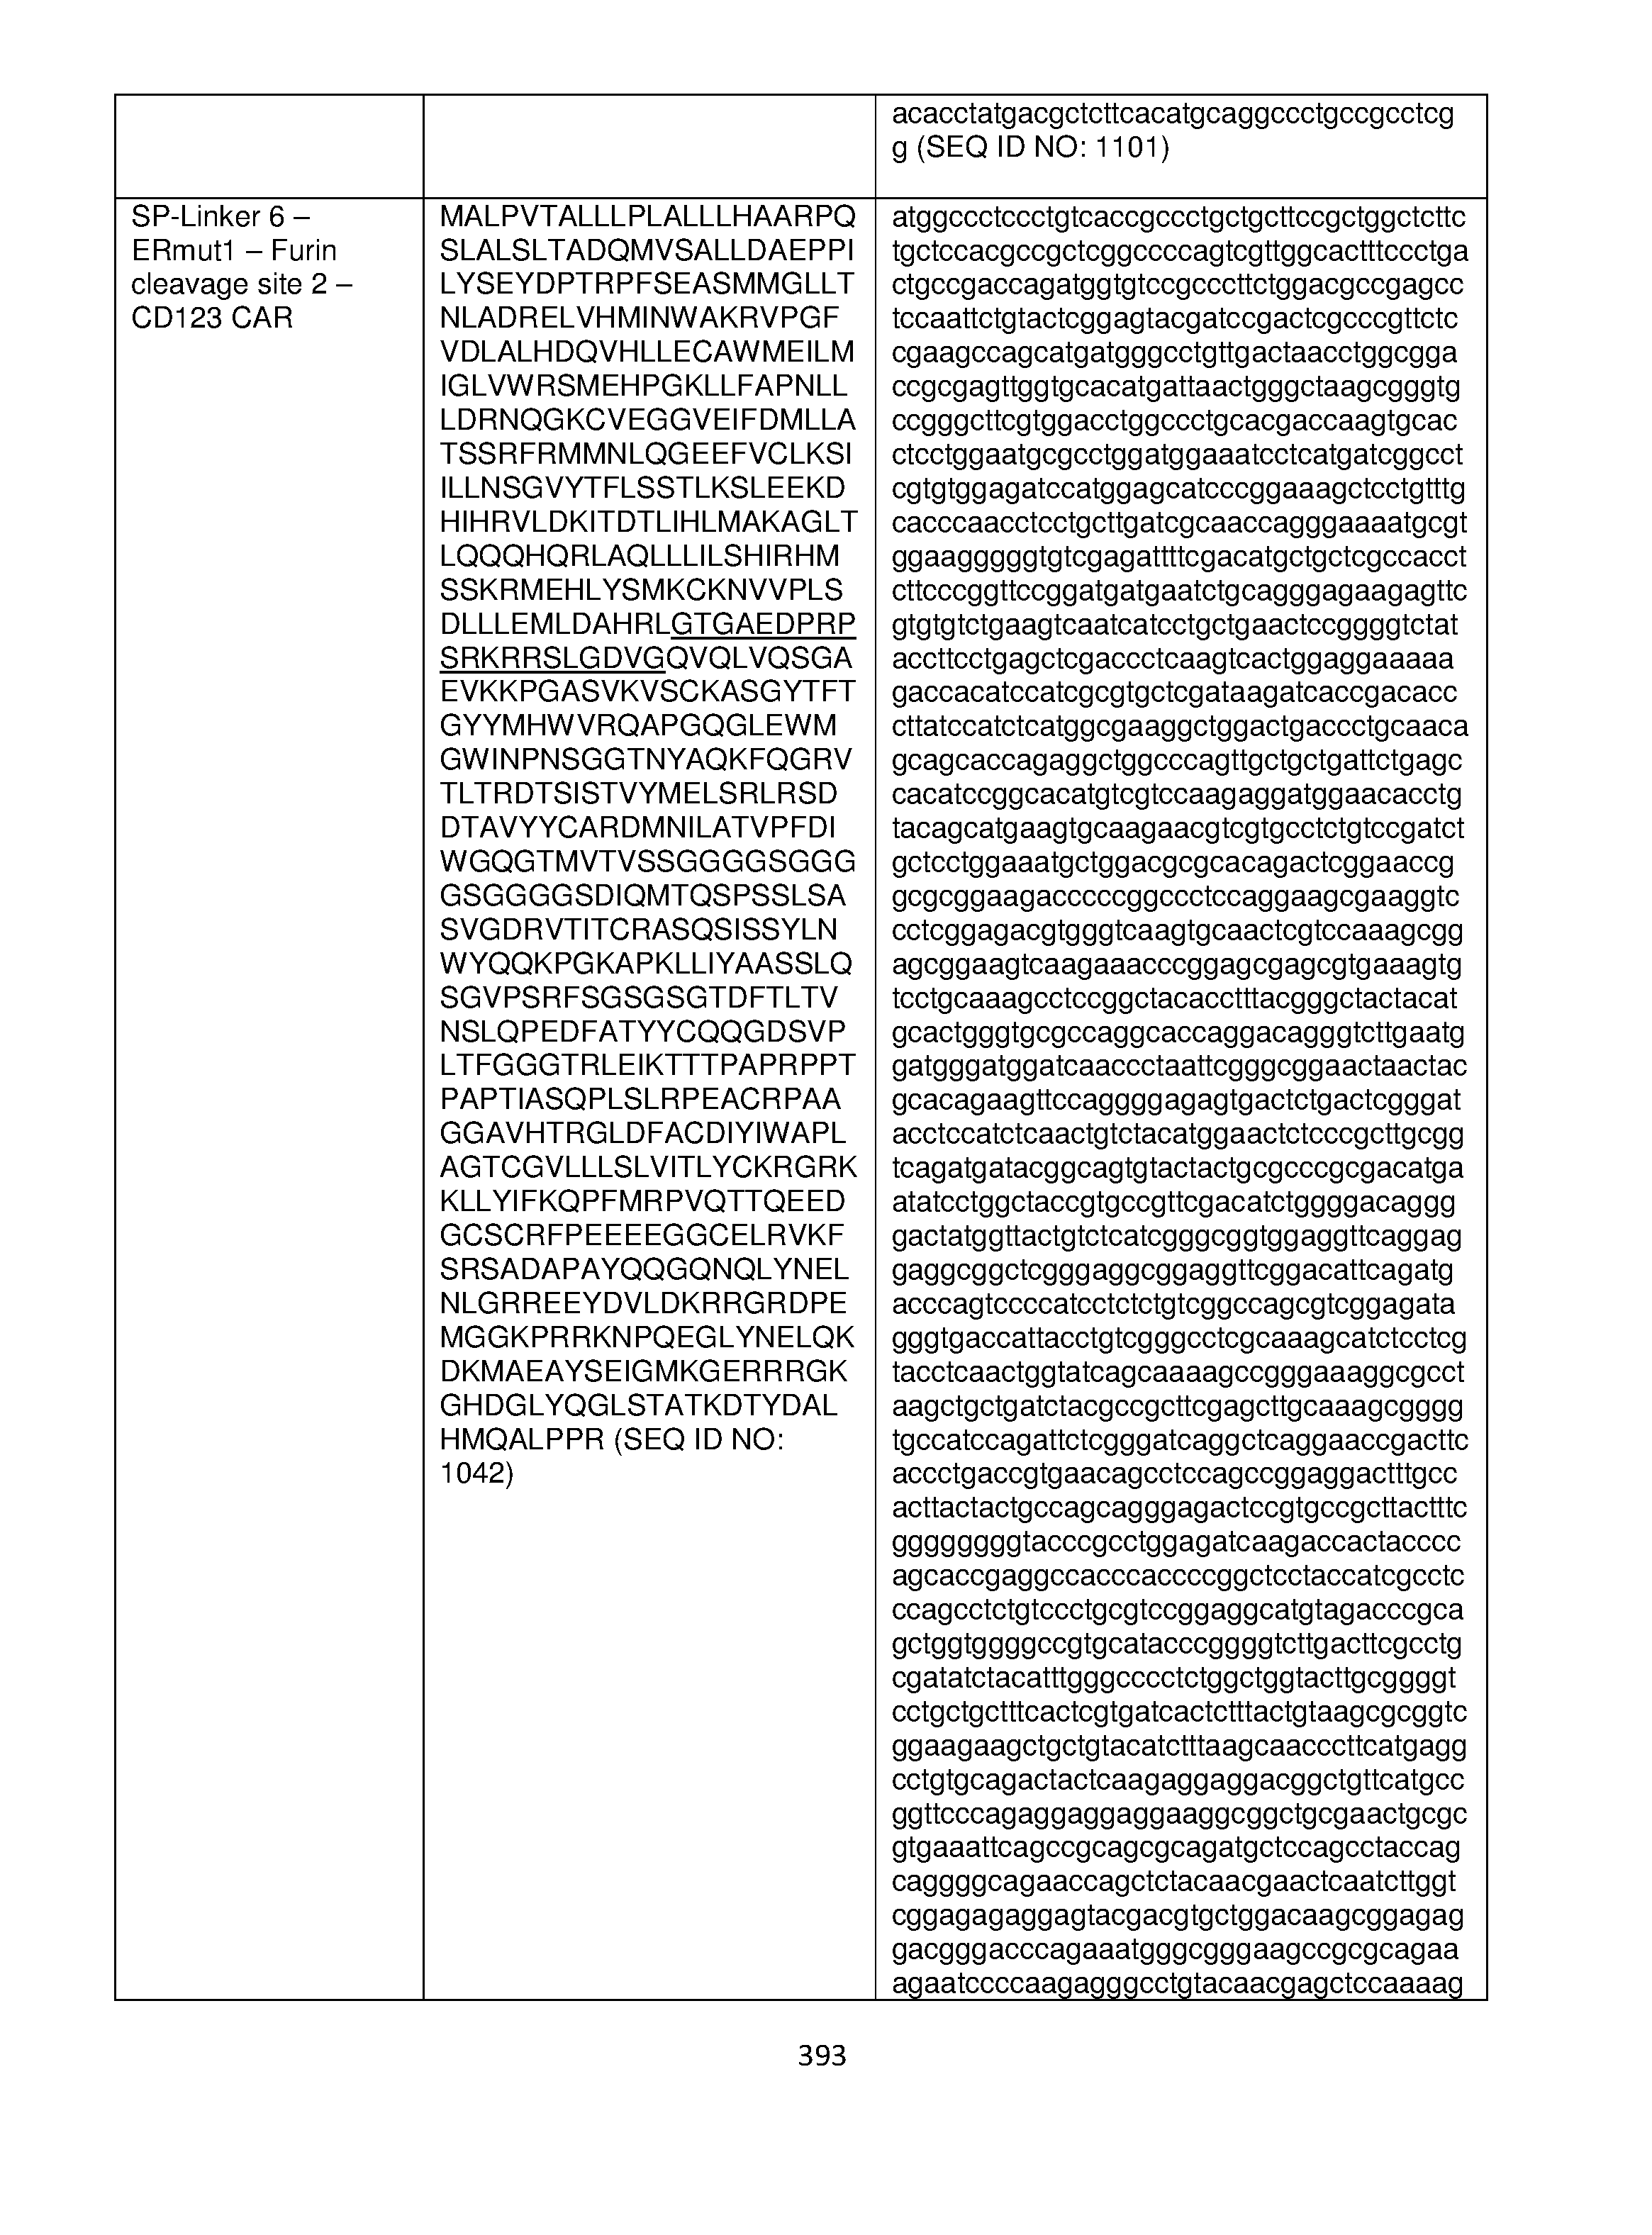 Figure imgf000394_0001